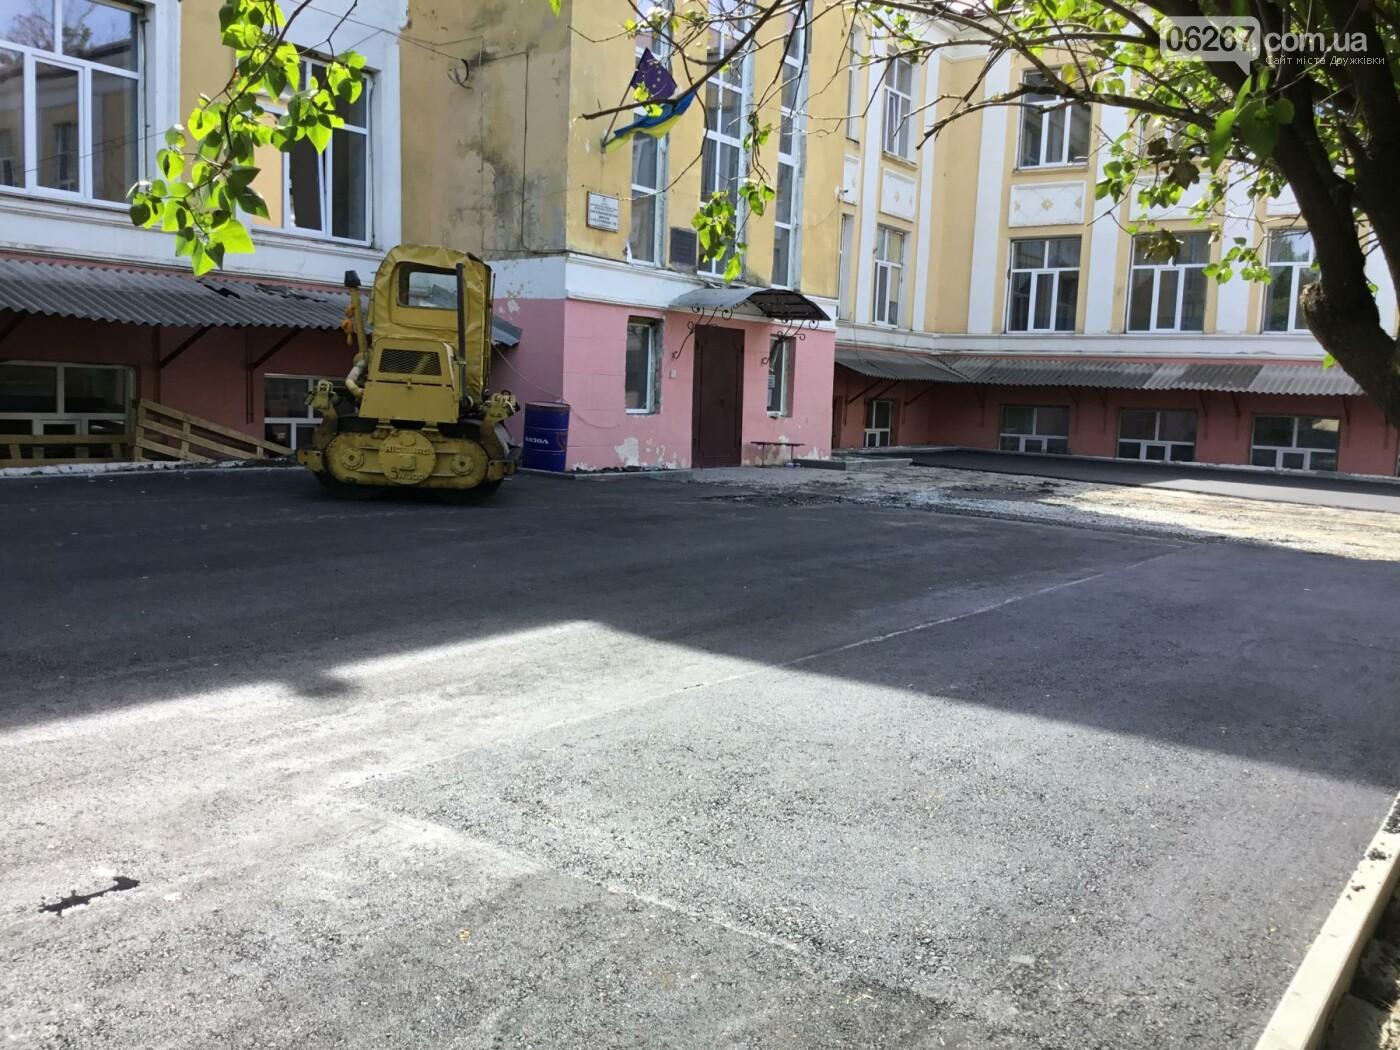 Дружковка: Во дворе школы №6 заканчивают укладку асфальта (ФОТО), фото-1